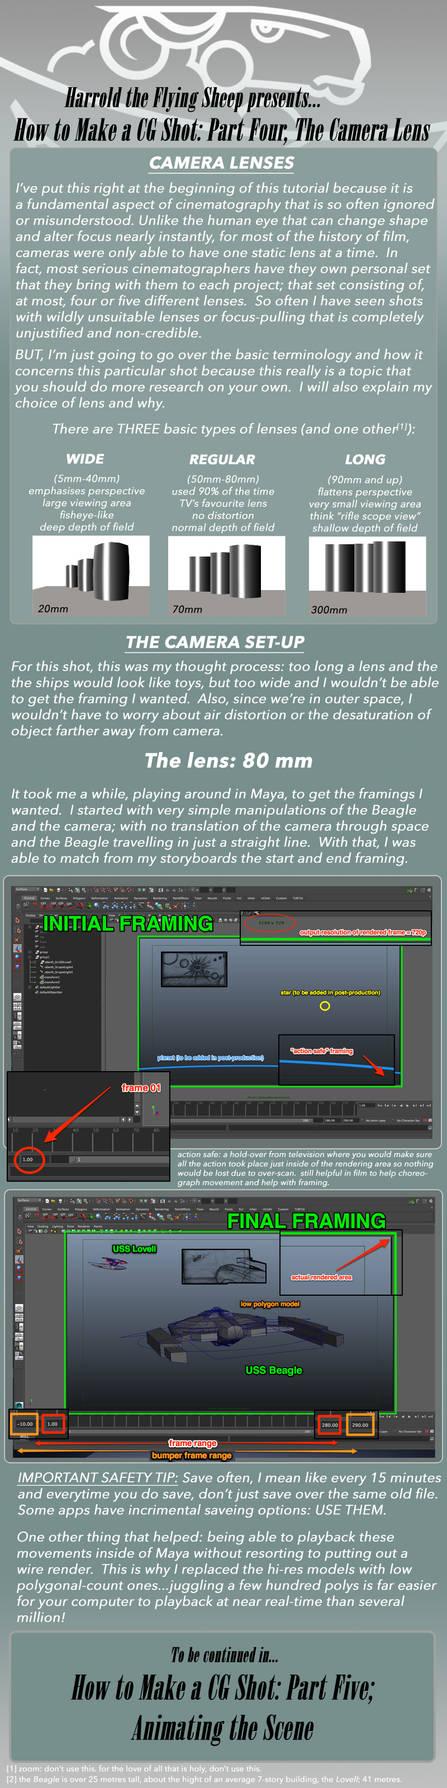 How to Make a CG Shot: Part 4, the Camera Lens